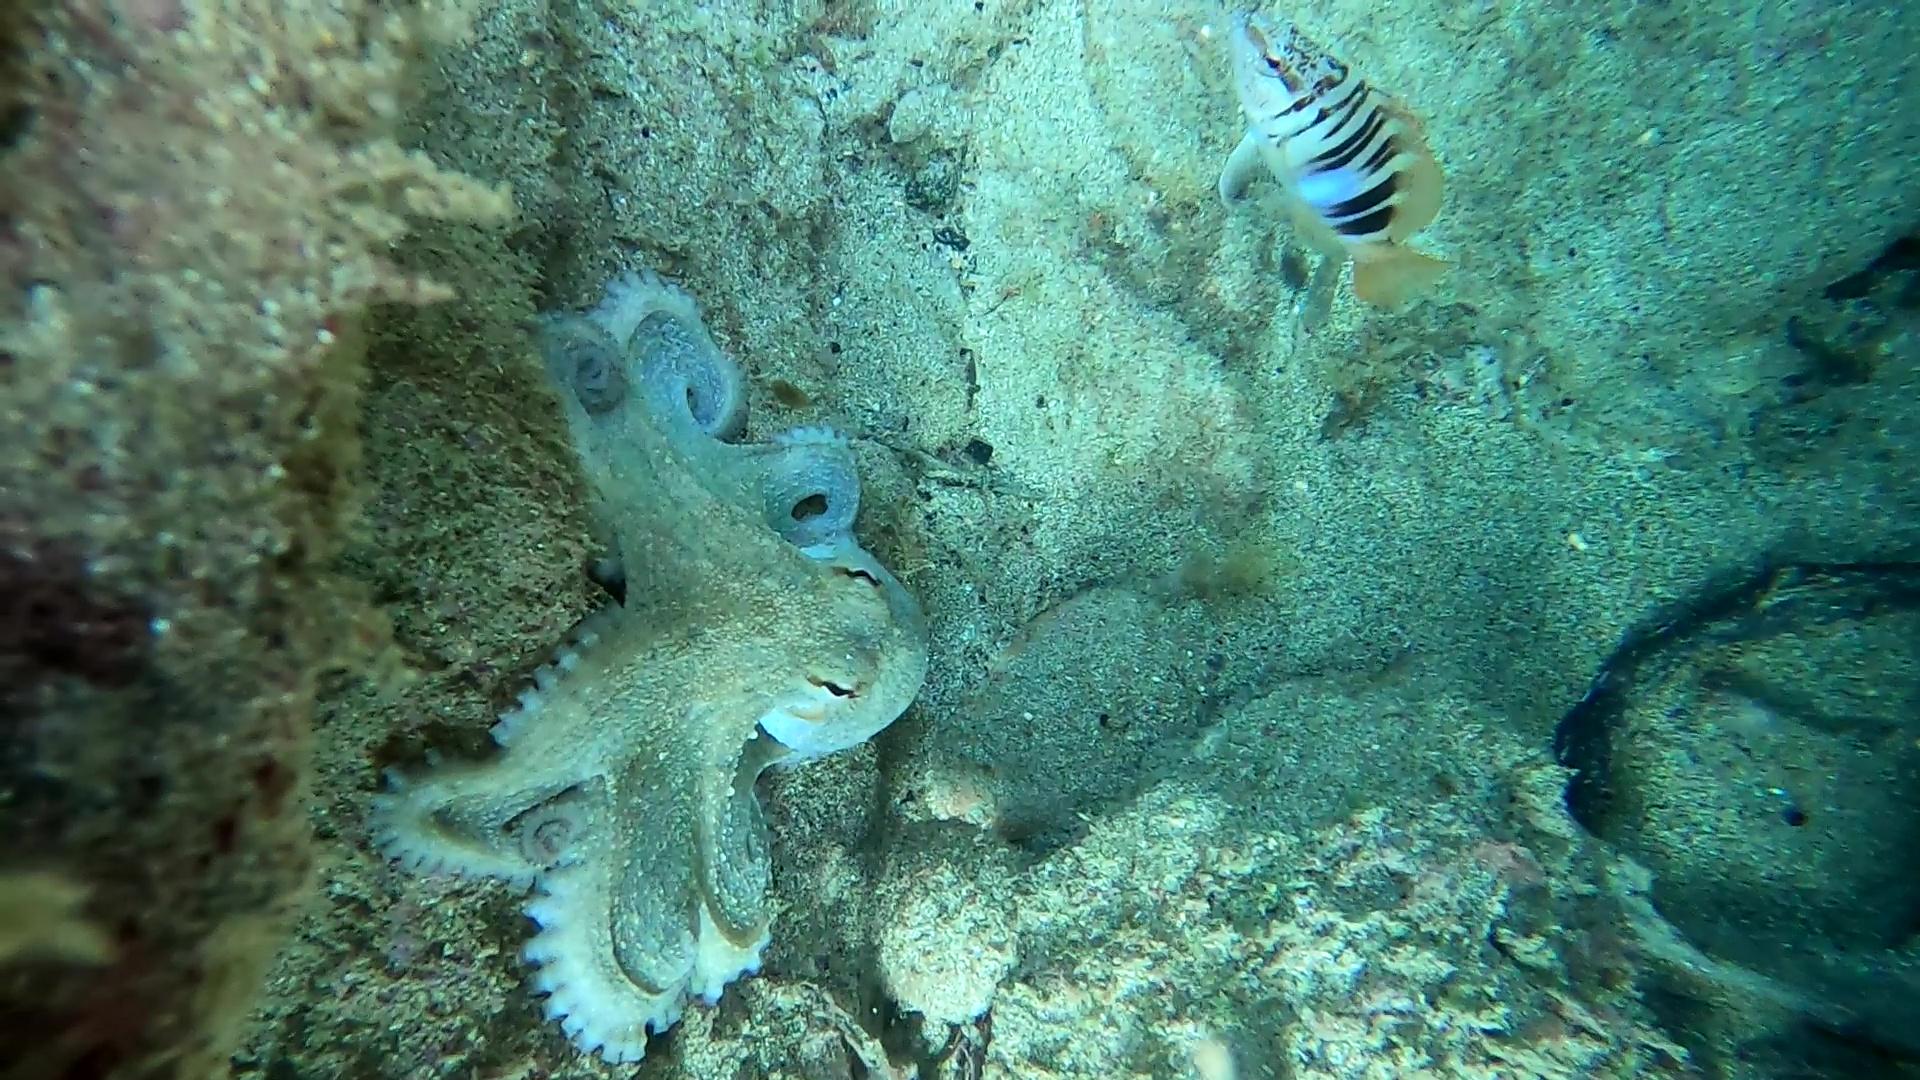 Polpo comune - Octopus vulgaris - Sciarrano - Serranus scriba - intotheblue.it